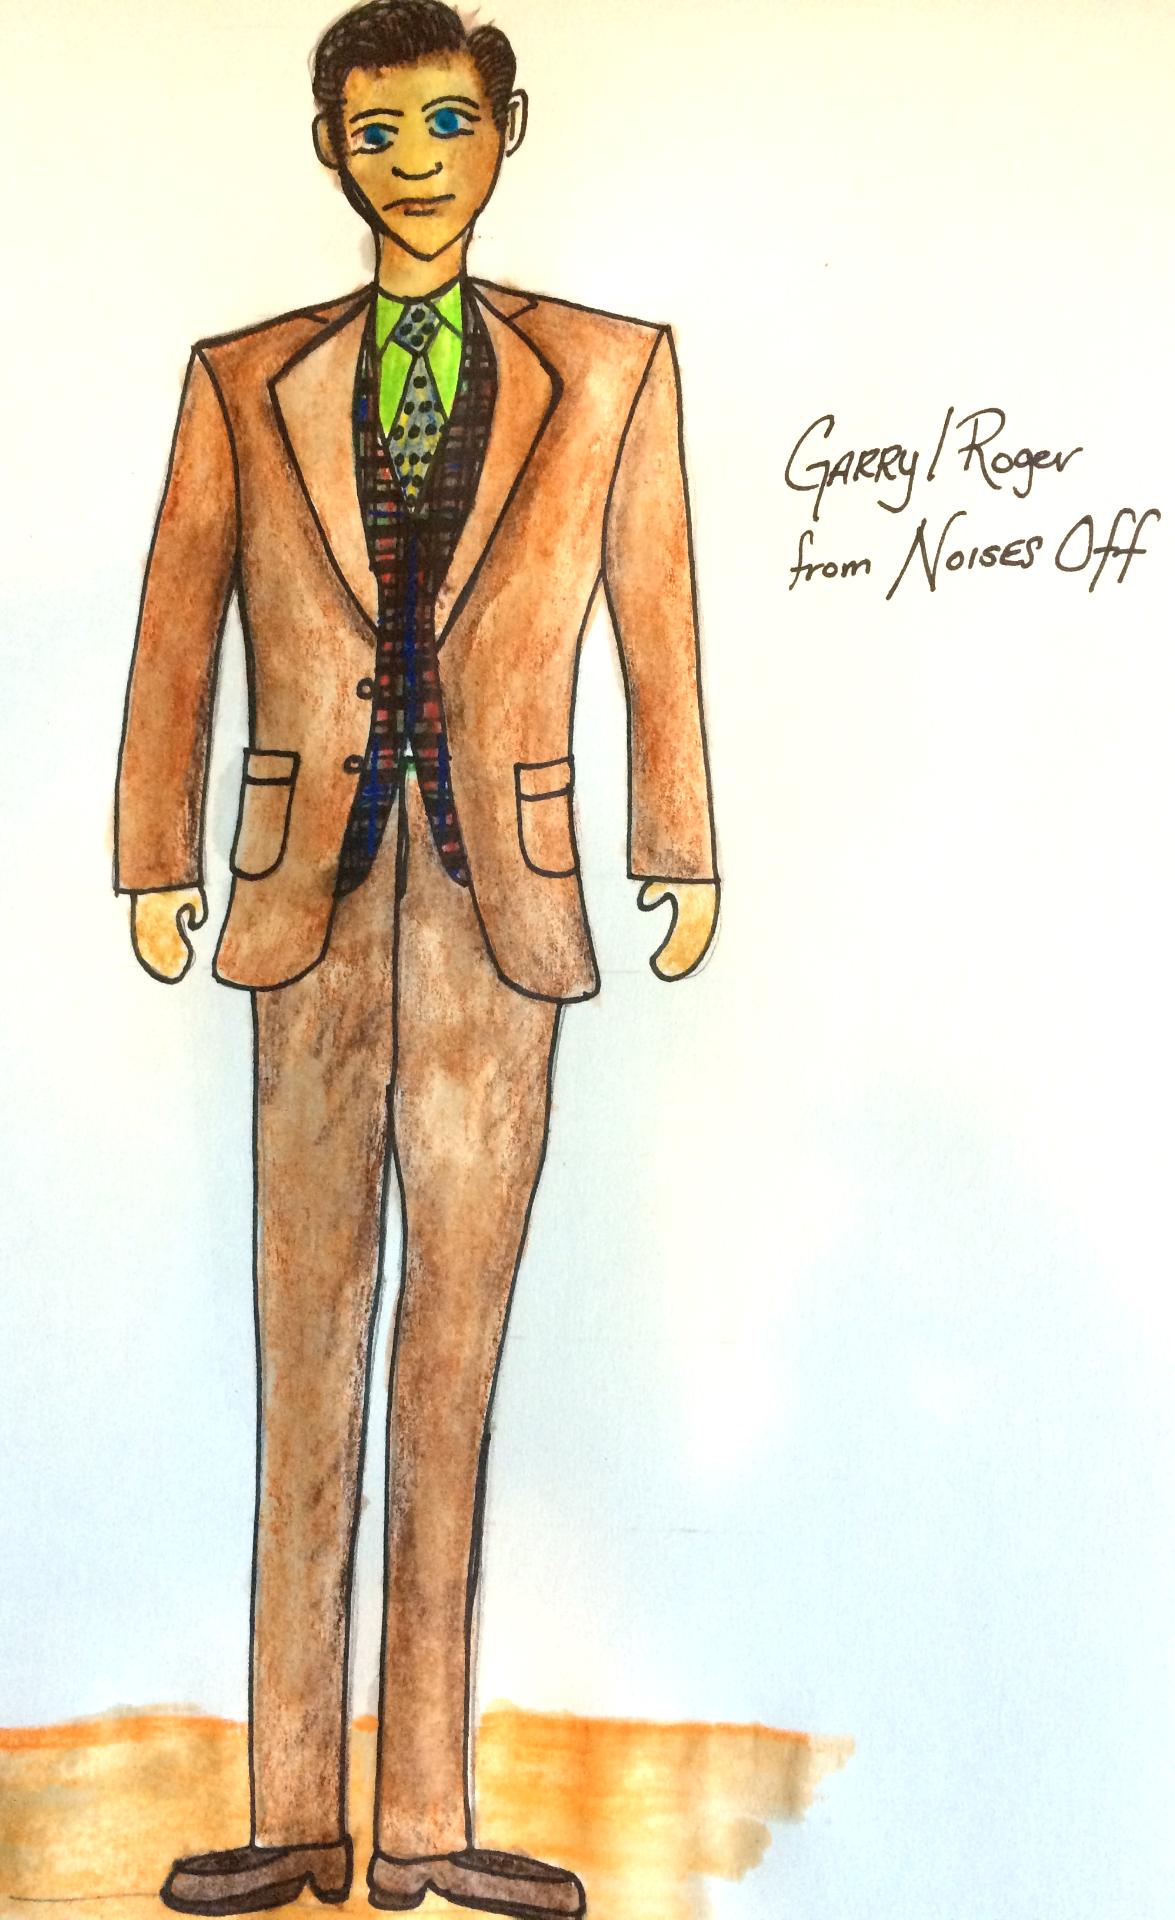 Garry/Roger